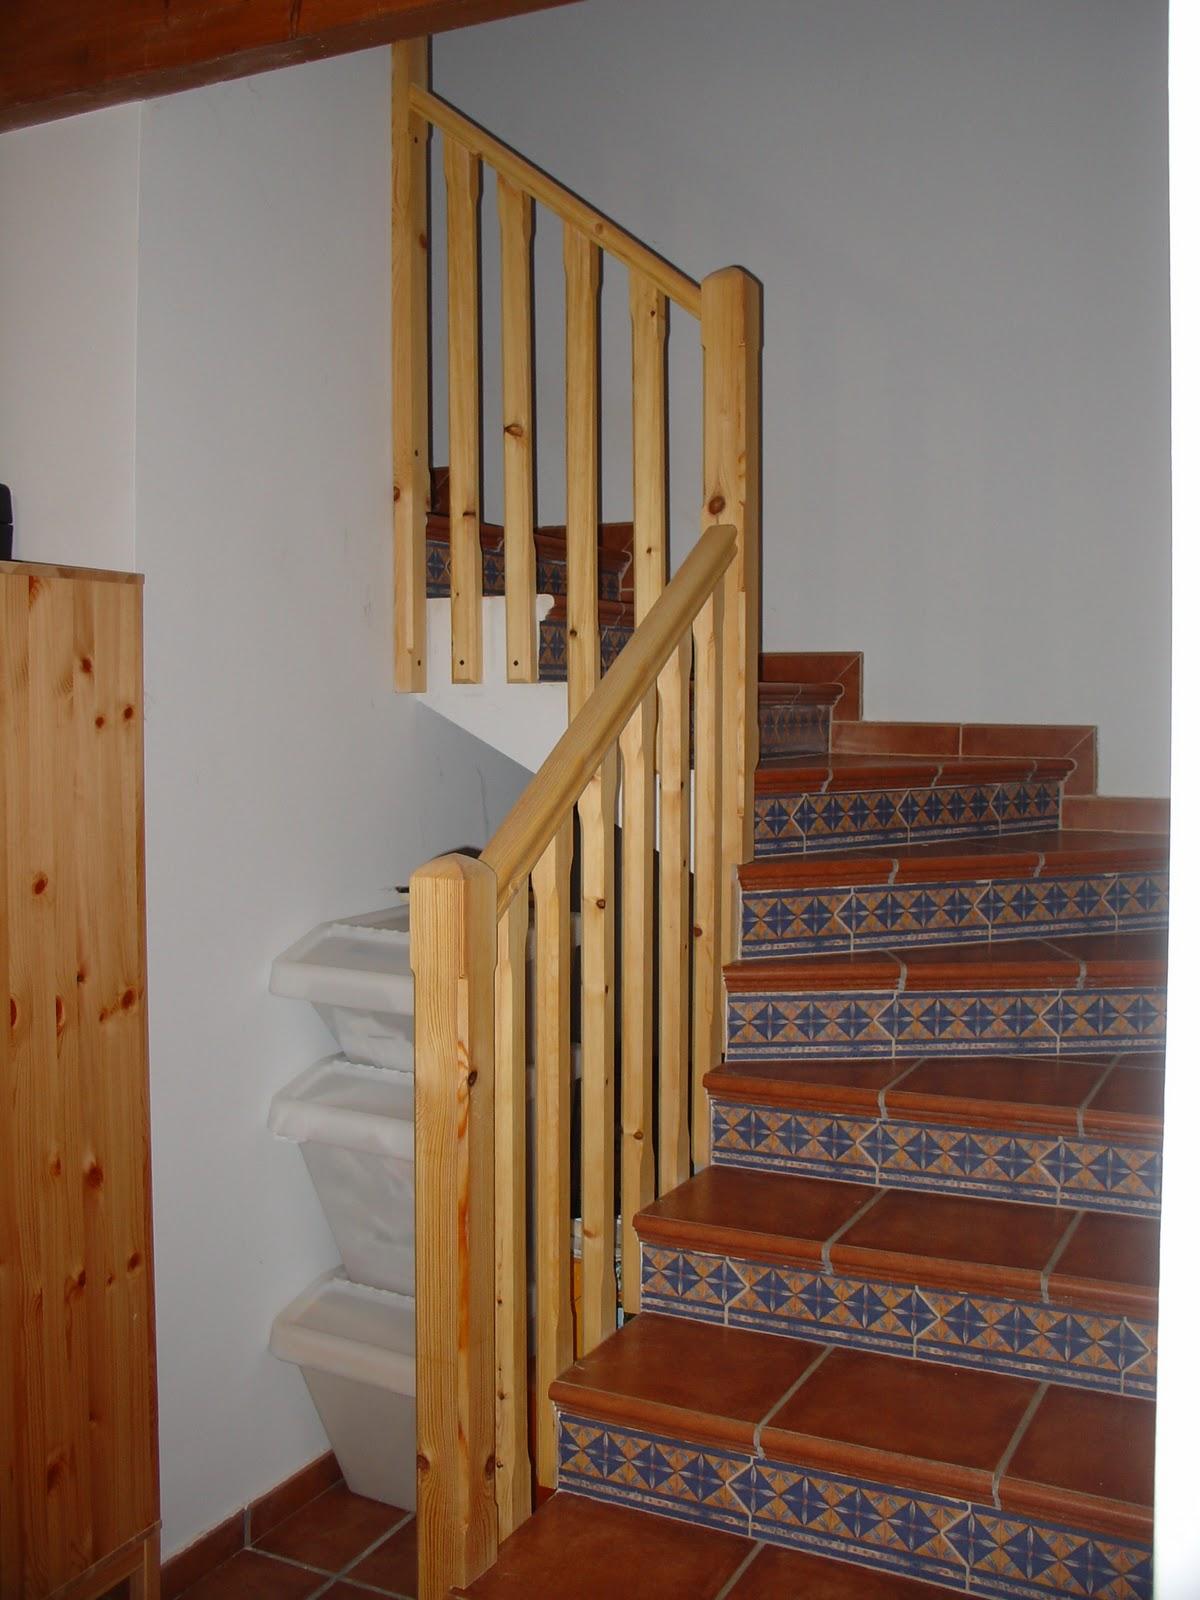 Pope carpinter a tradicional balaustre sobre escalera de obra - Escaleras de obra ...